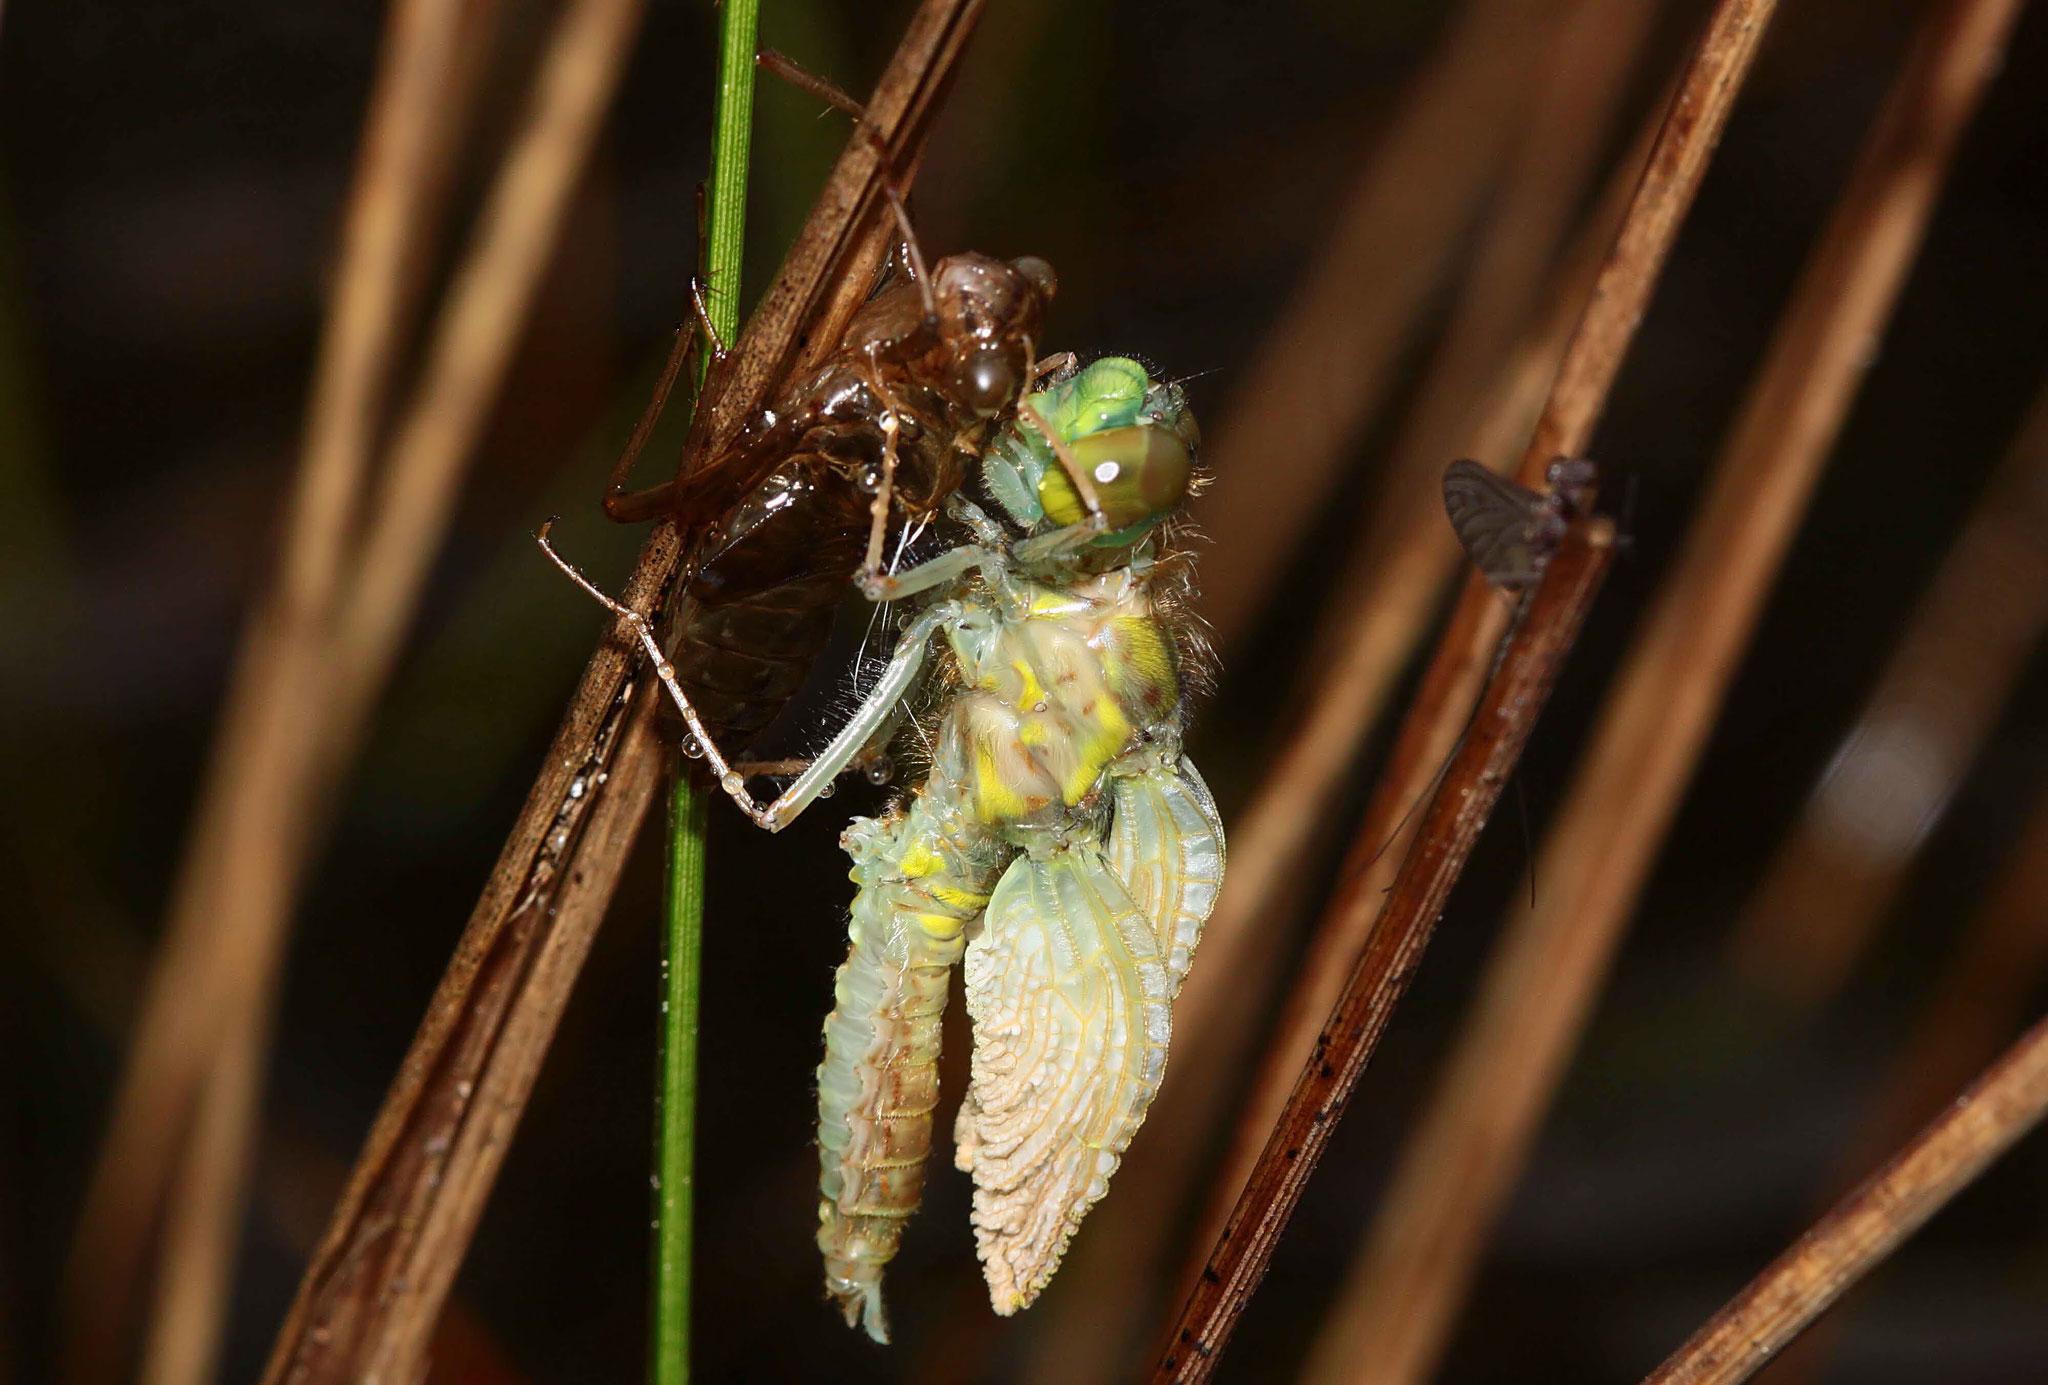 Nach dem Ausstieg aus der leeren Larvenhaut, der Exuvie, werden Leib und Flügel aufgepumpt.